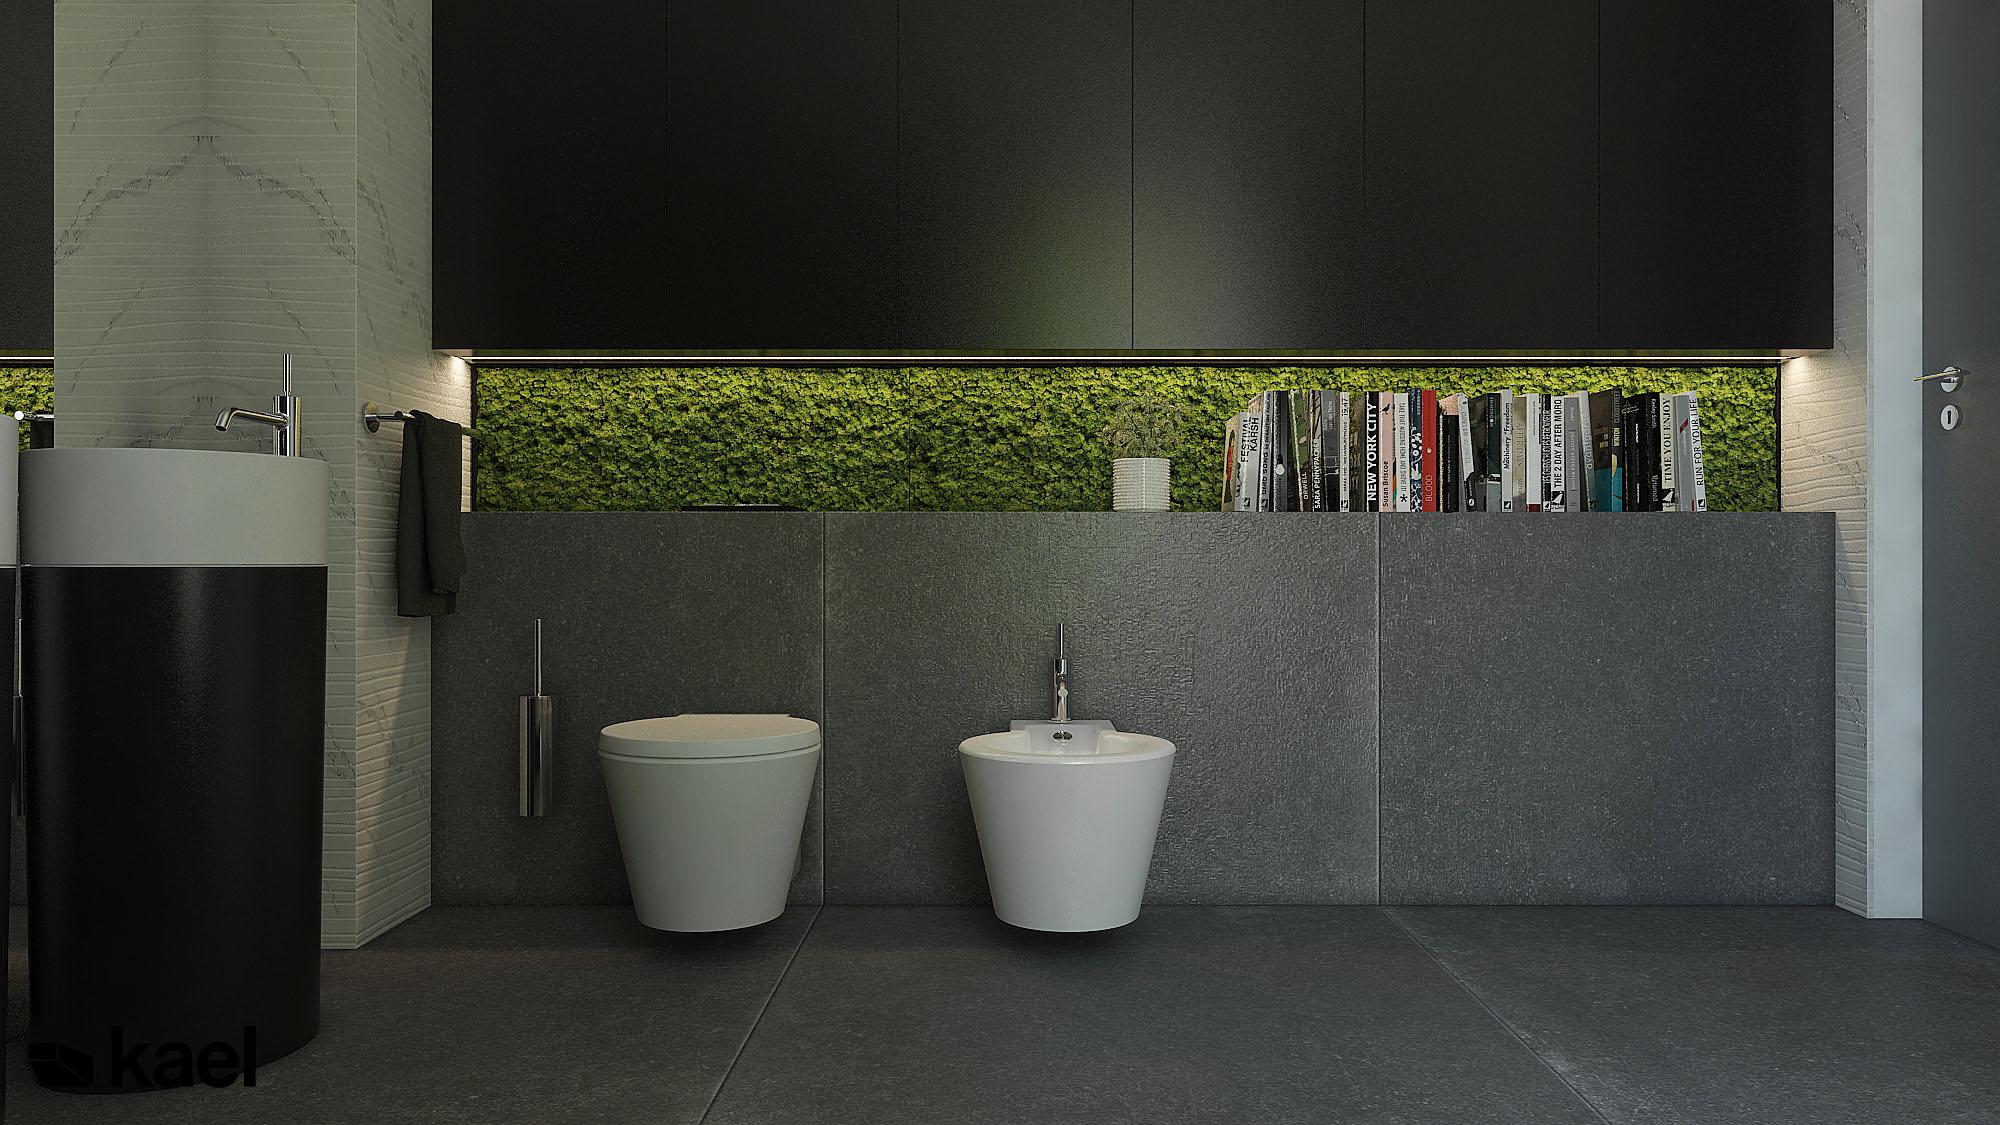 Mech laboratoryjny w łazience